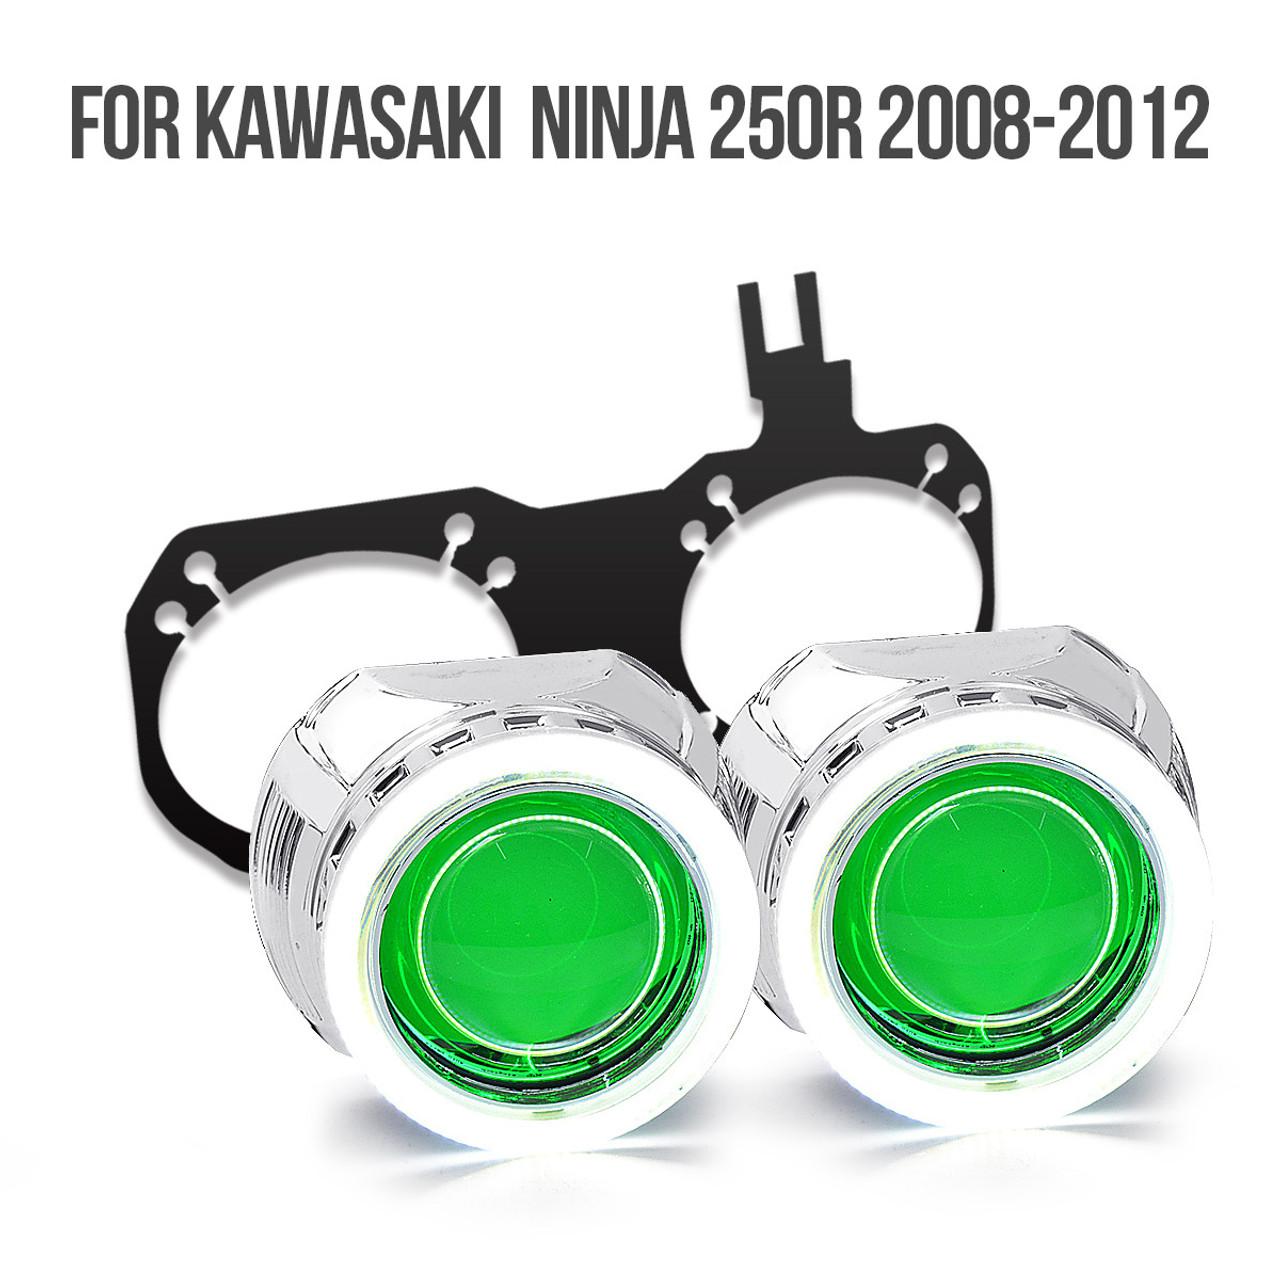 Kawasaki Ninja 250r Hid Projector Kit 2008 2009 2010 2011 2012 Wiring Harness Diagram